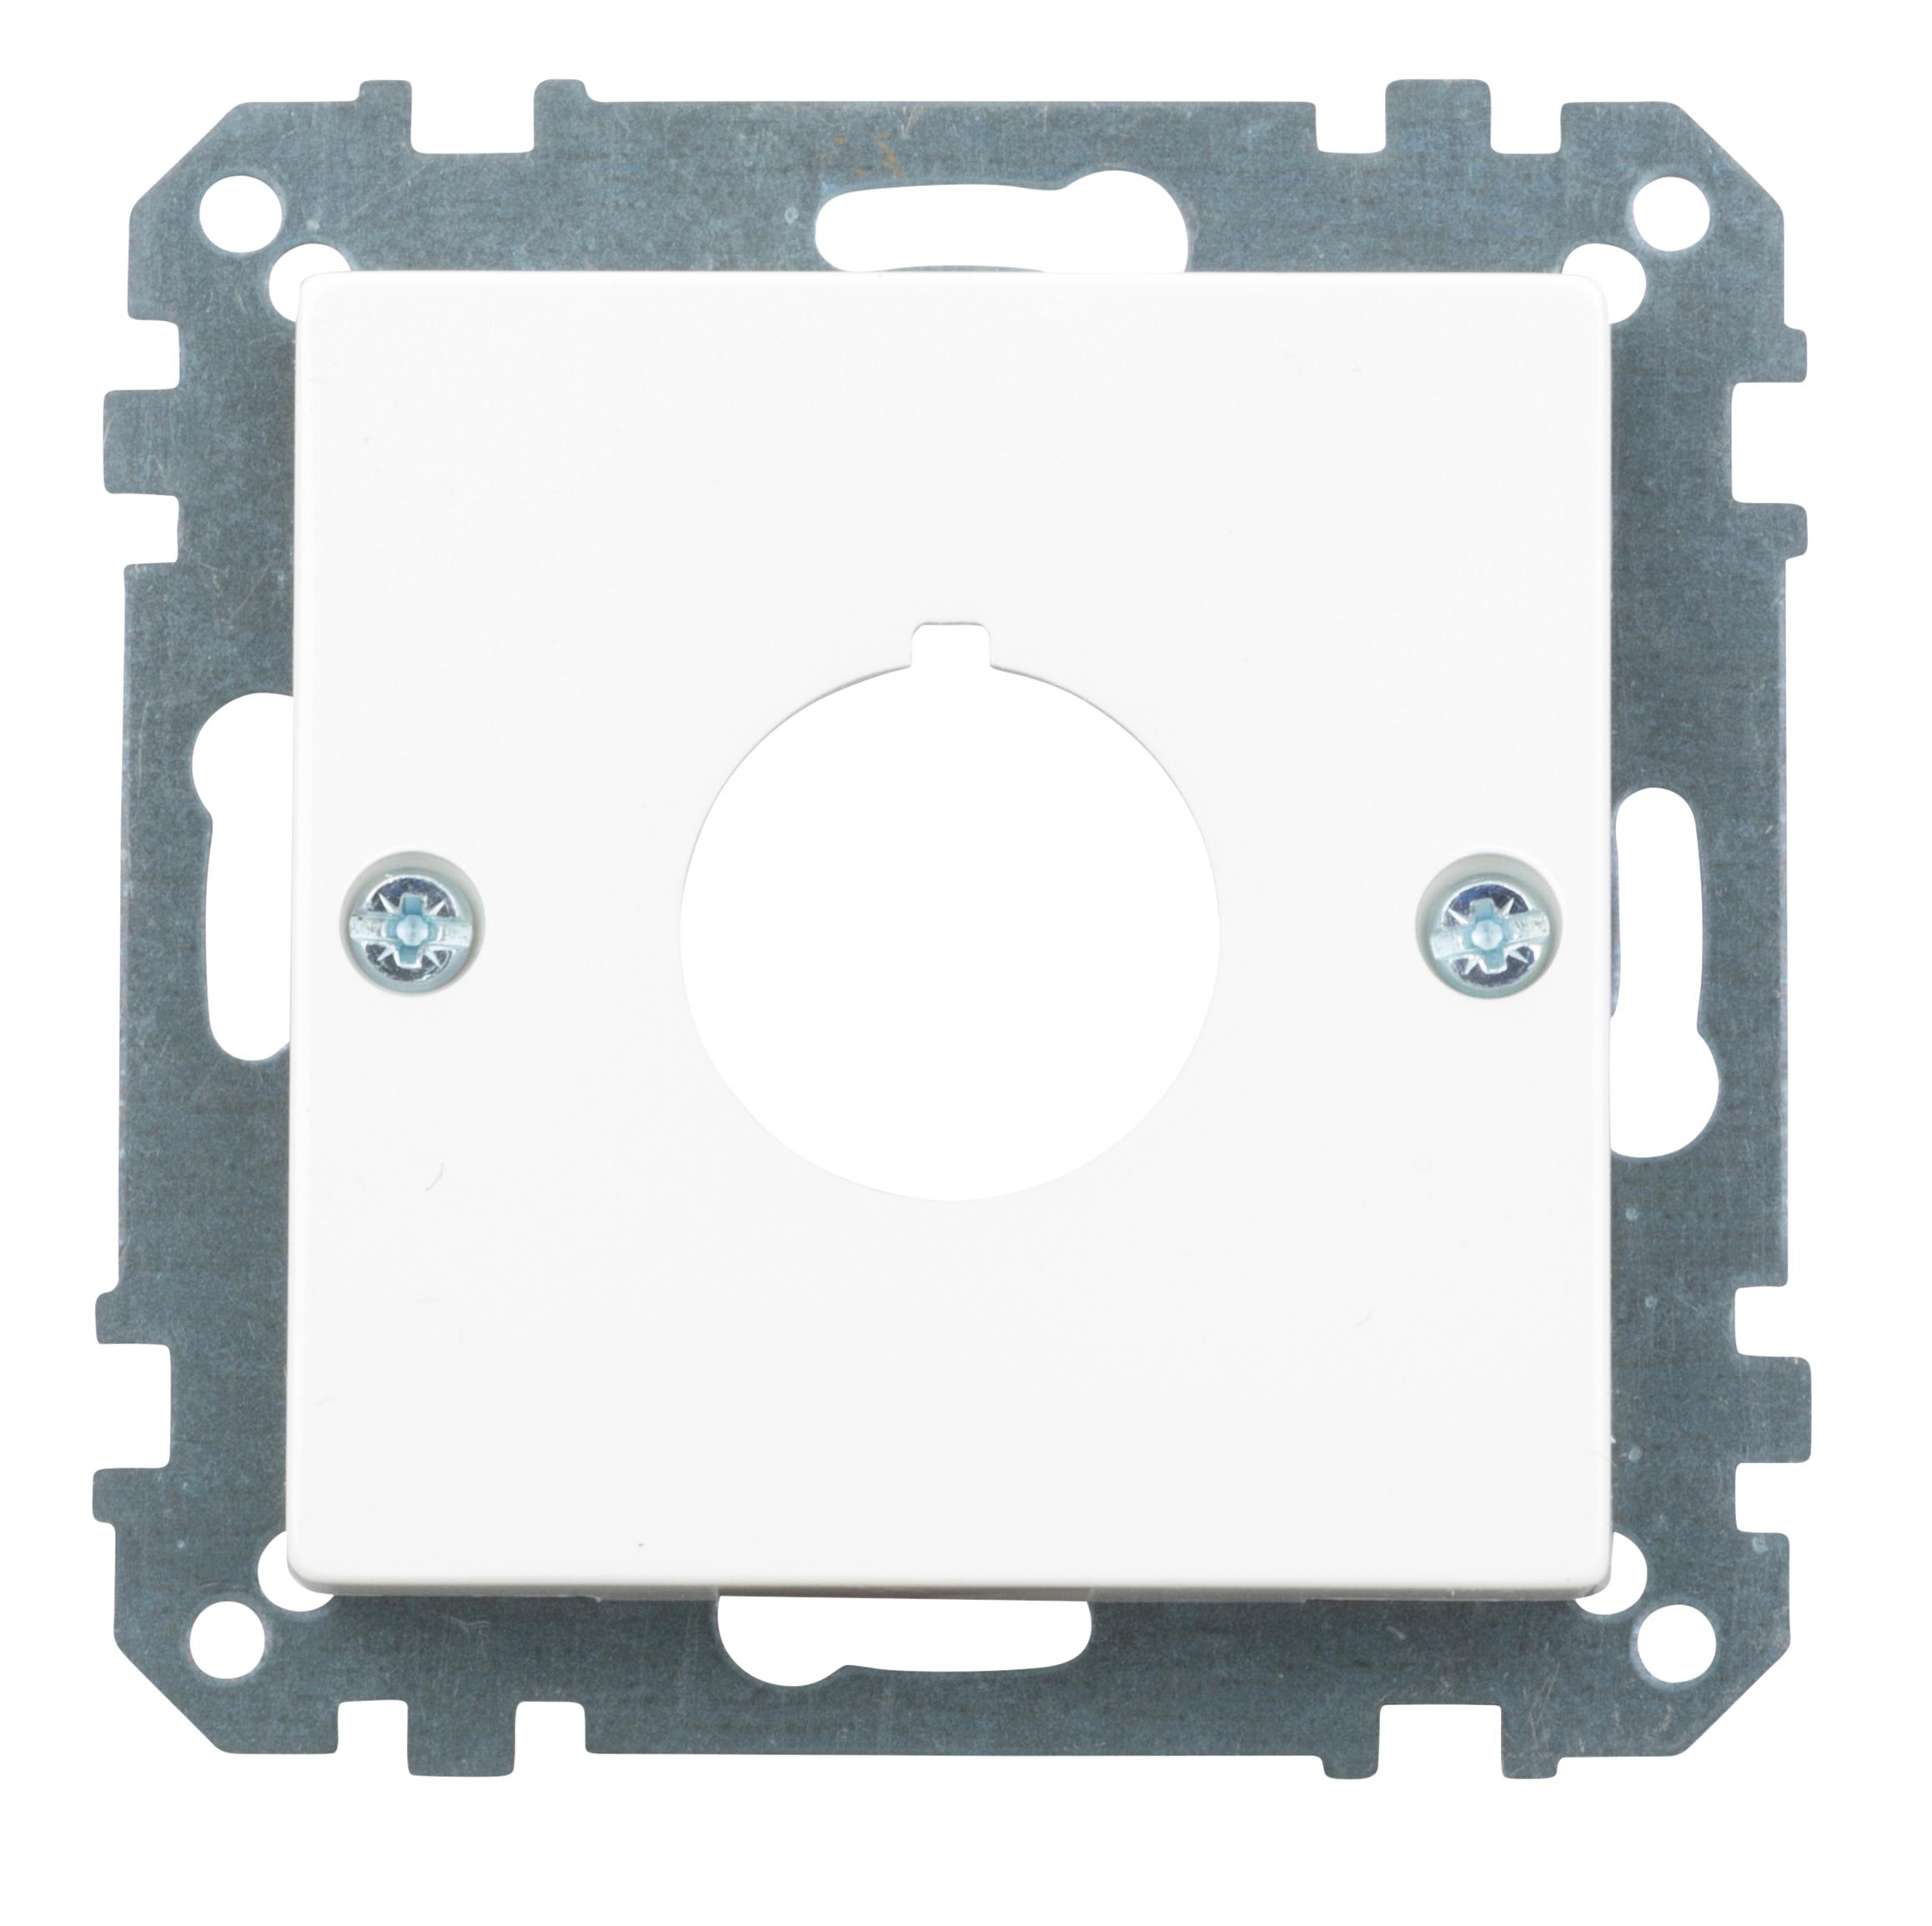 1 Stk Zentralplatte für Befehls- und Meldegeräte, Ø22,5 mm EV393819--